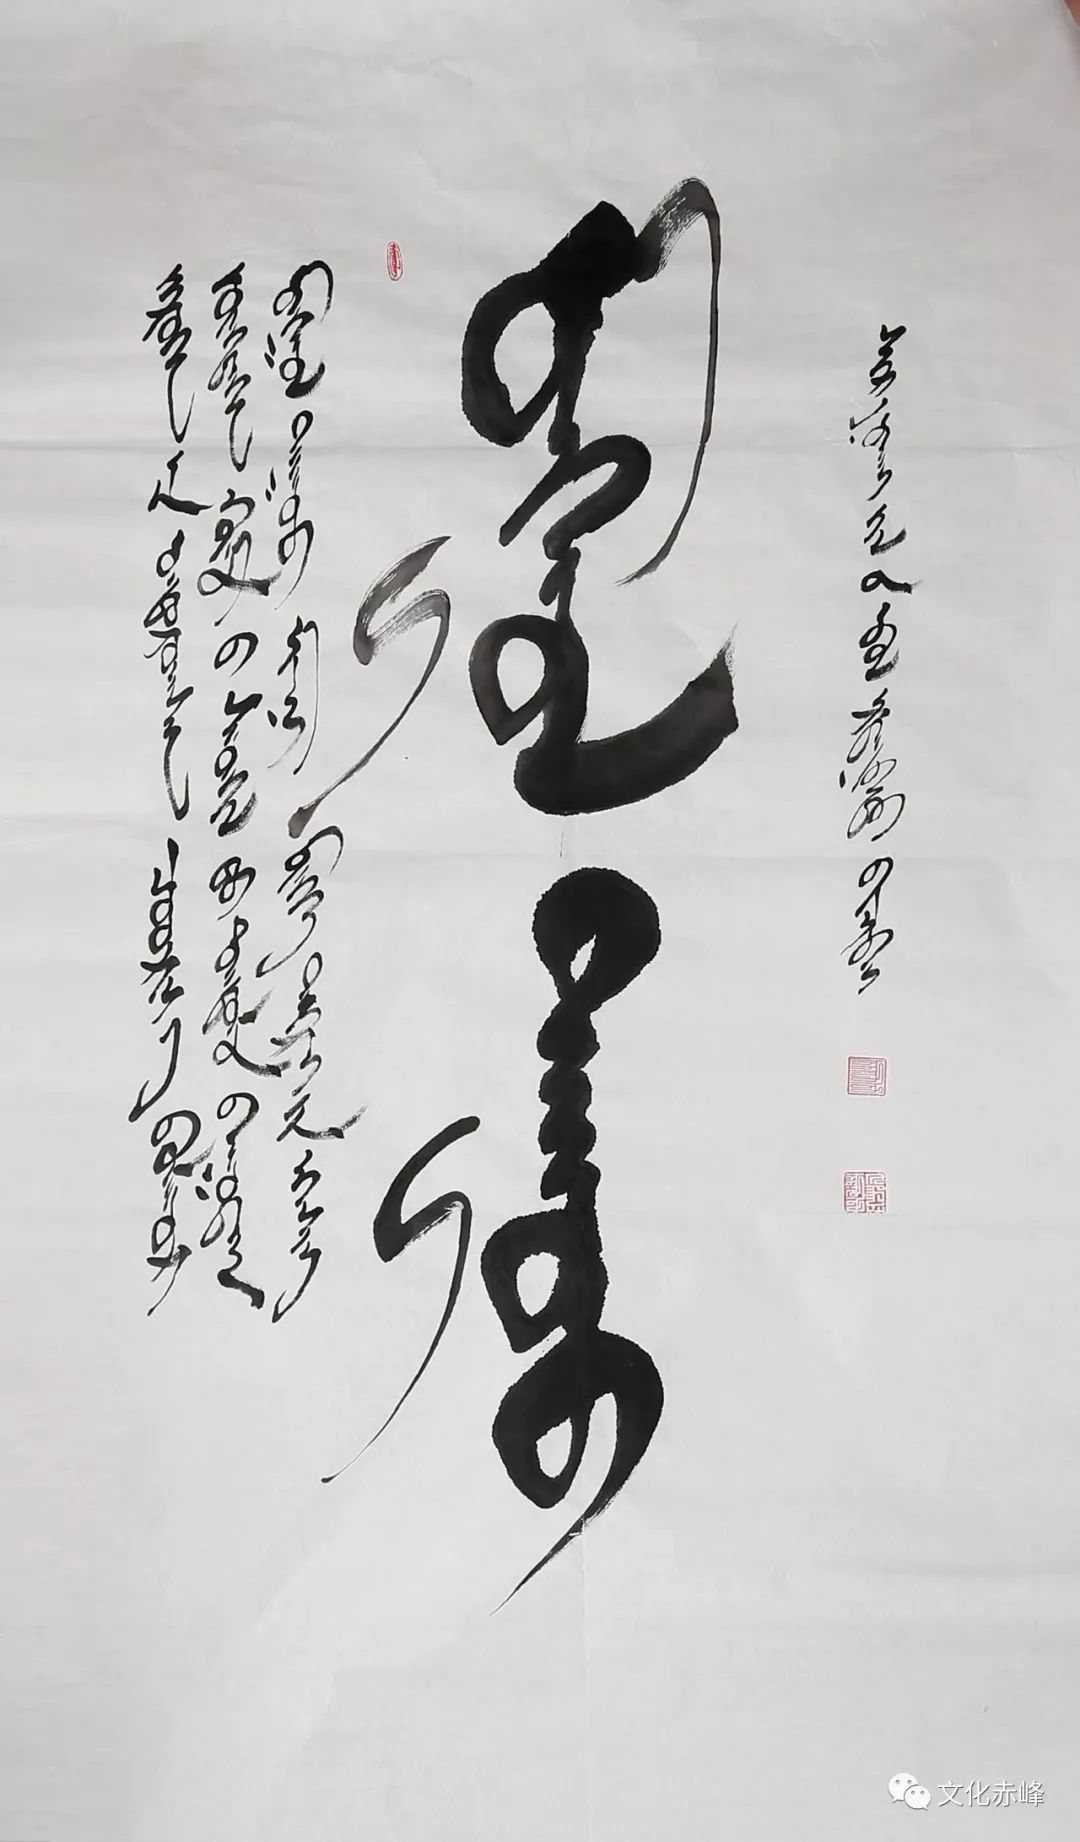 【文化赤峰】额尔敦巴图蒙古文书法作品欣赏! 第3张